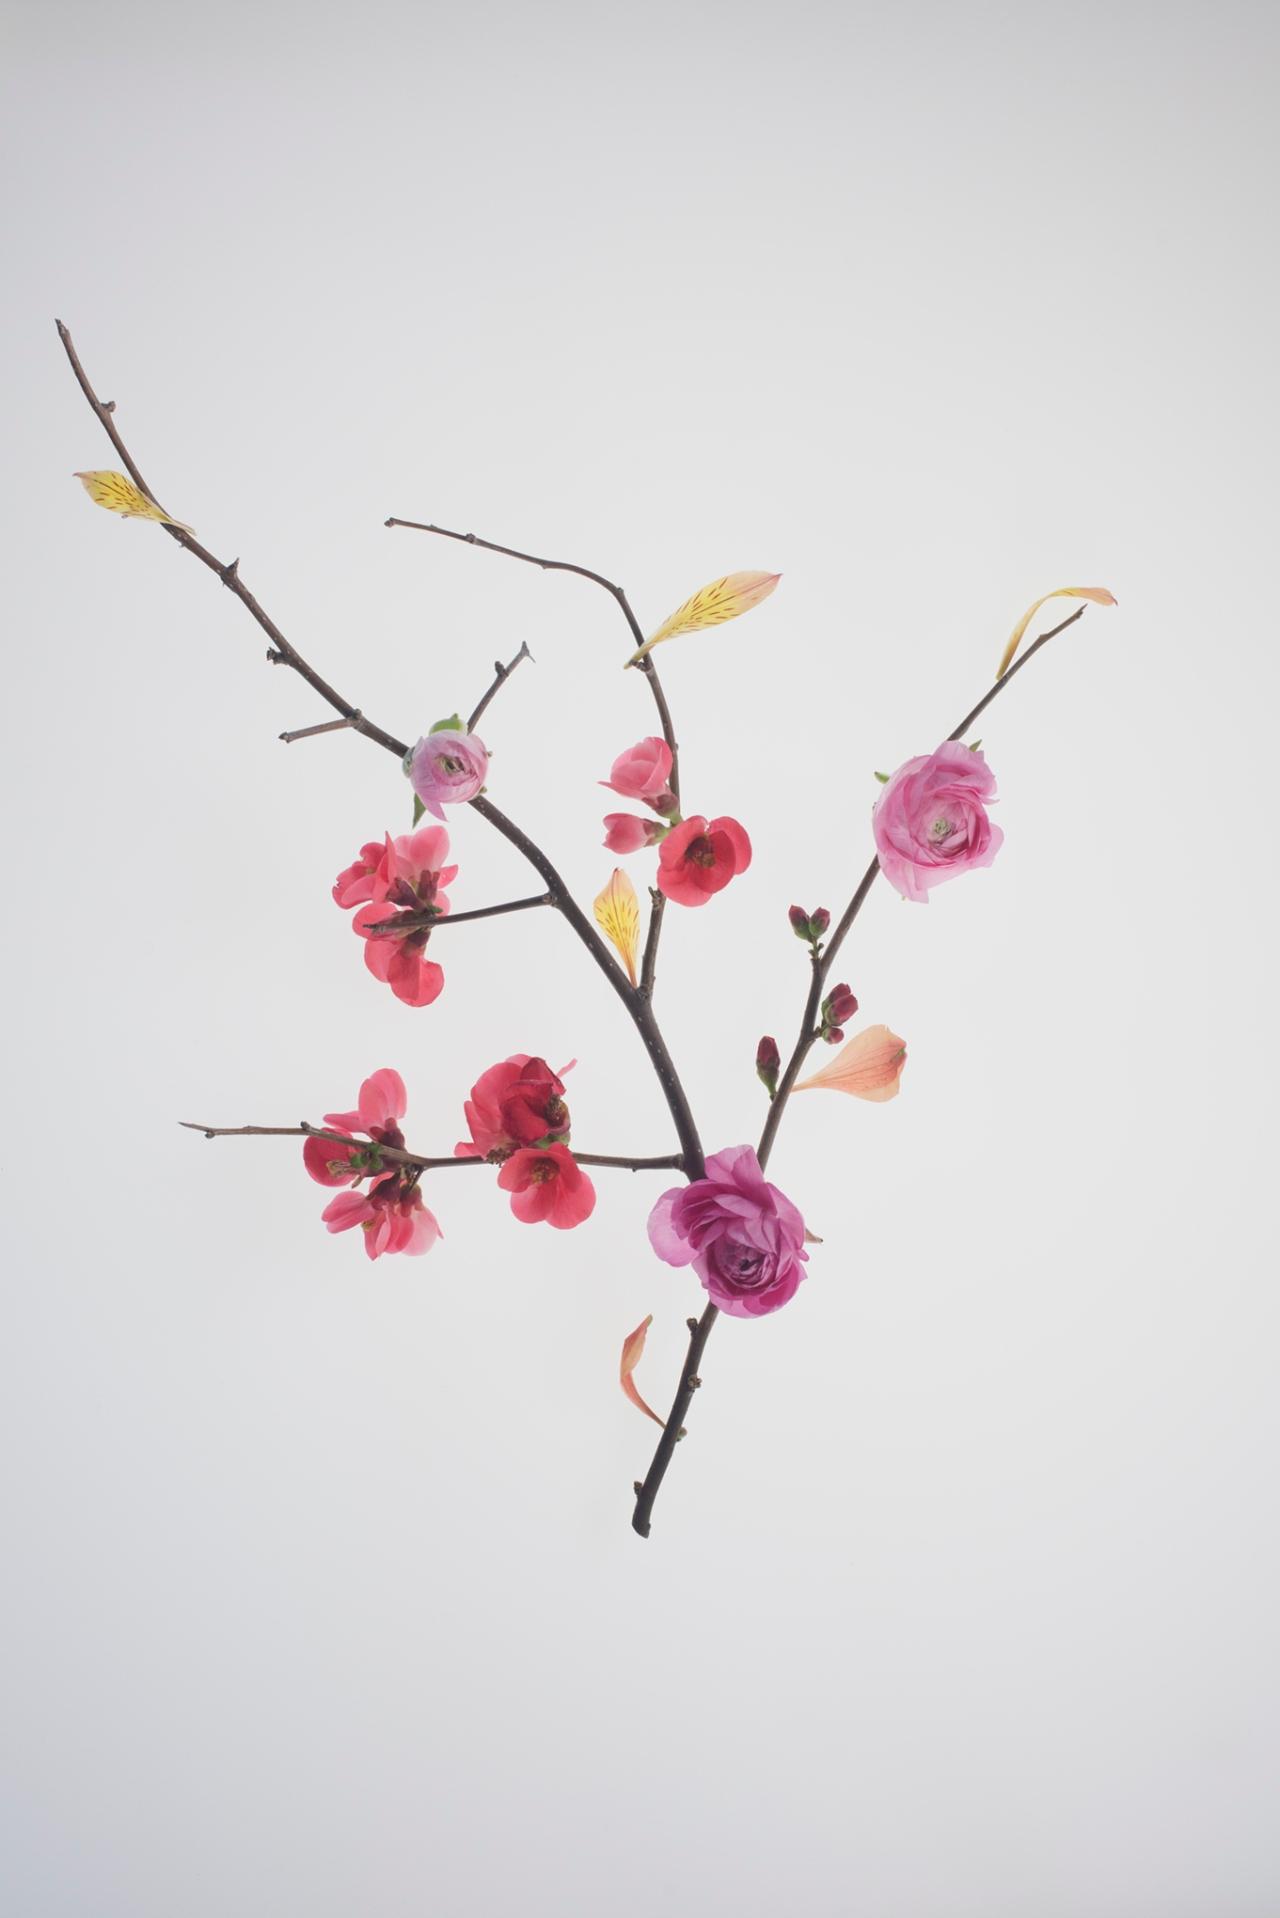 Botanical_harmony_290716-216